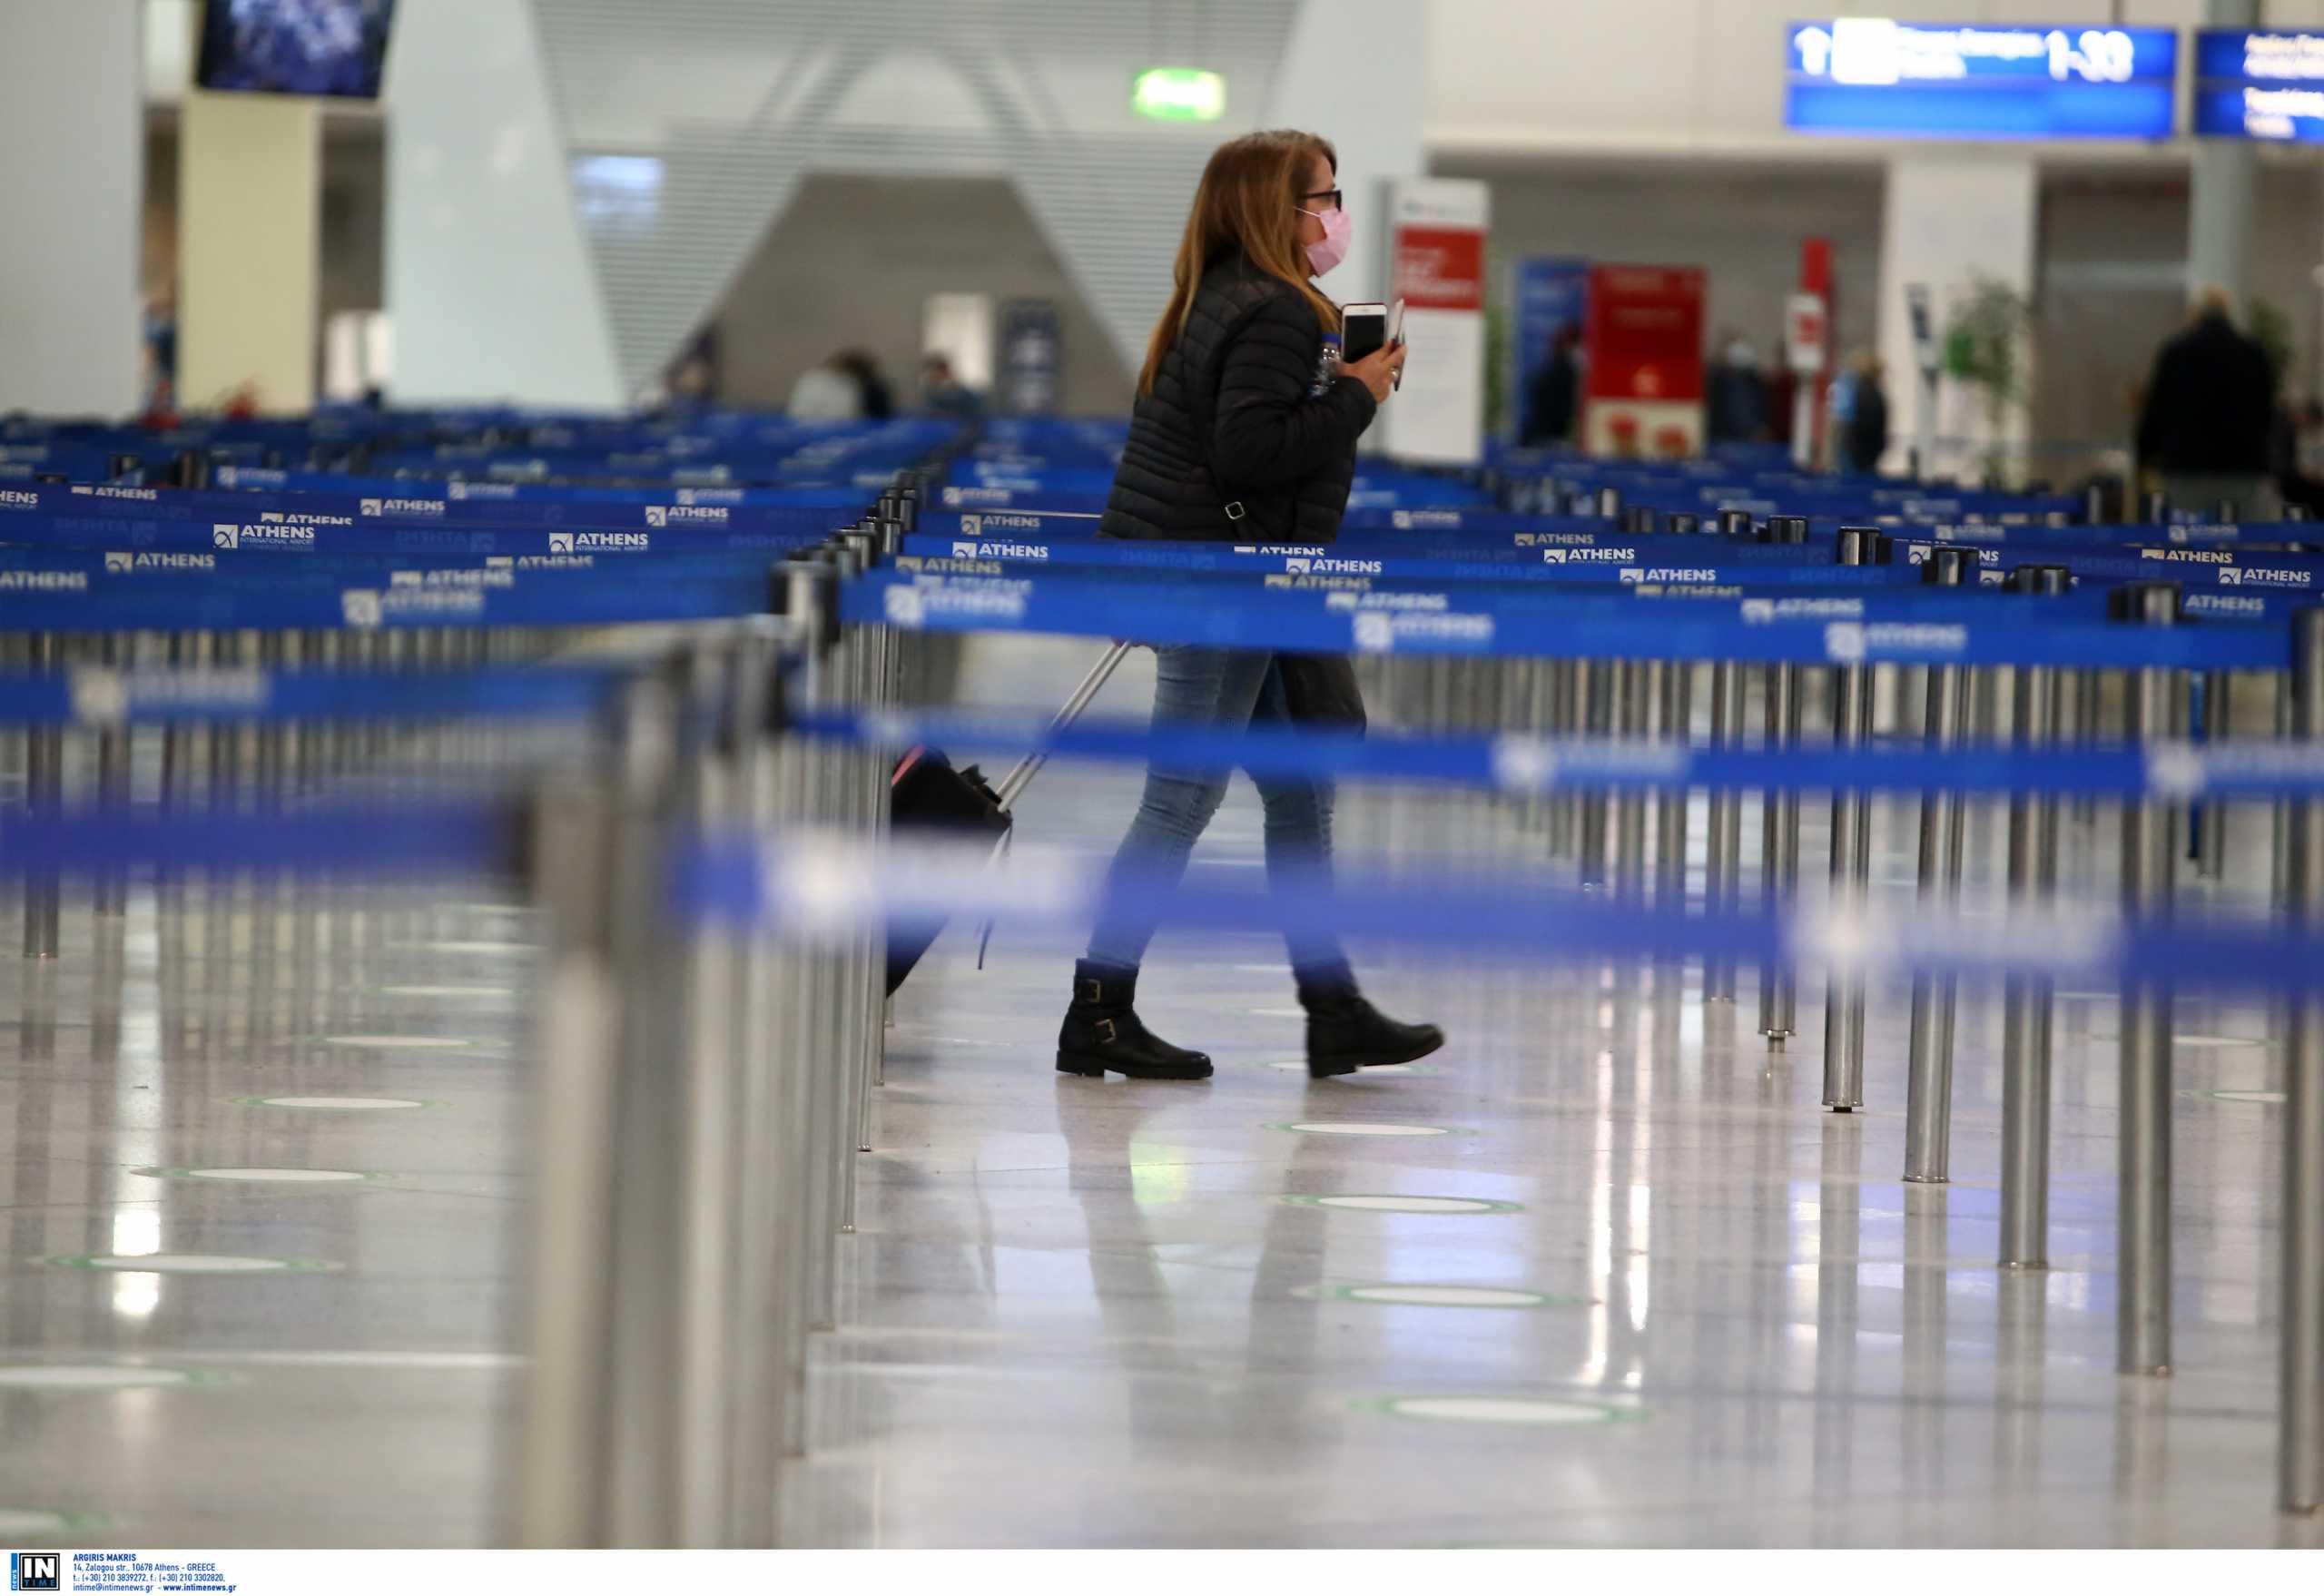 ΥΠΑ: «Συντριβή» της αεροπορικής κίνησης εν μέσω πανδημίας – Γύρισε 30 χρόνια πίσω